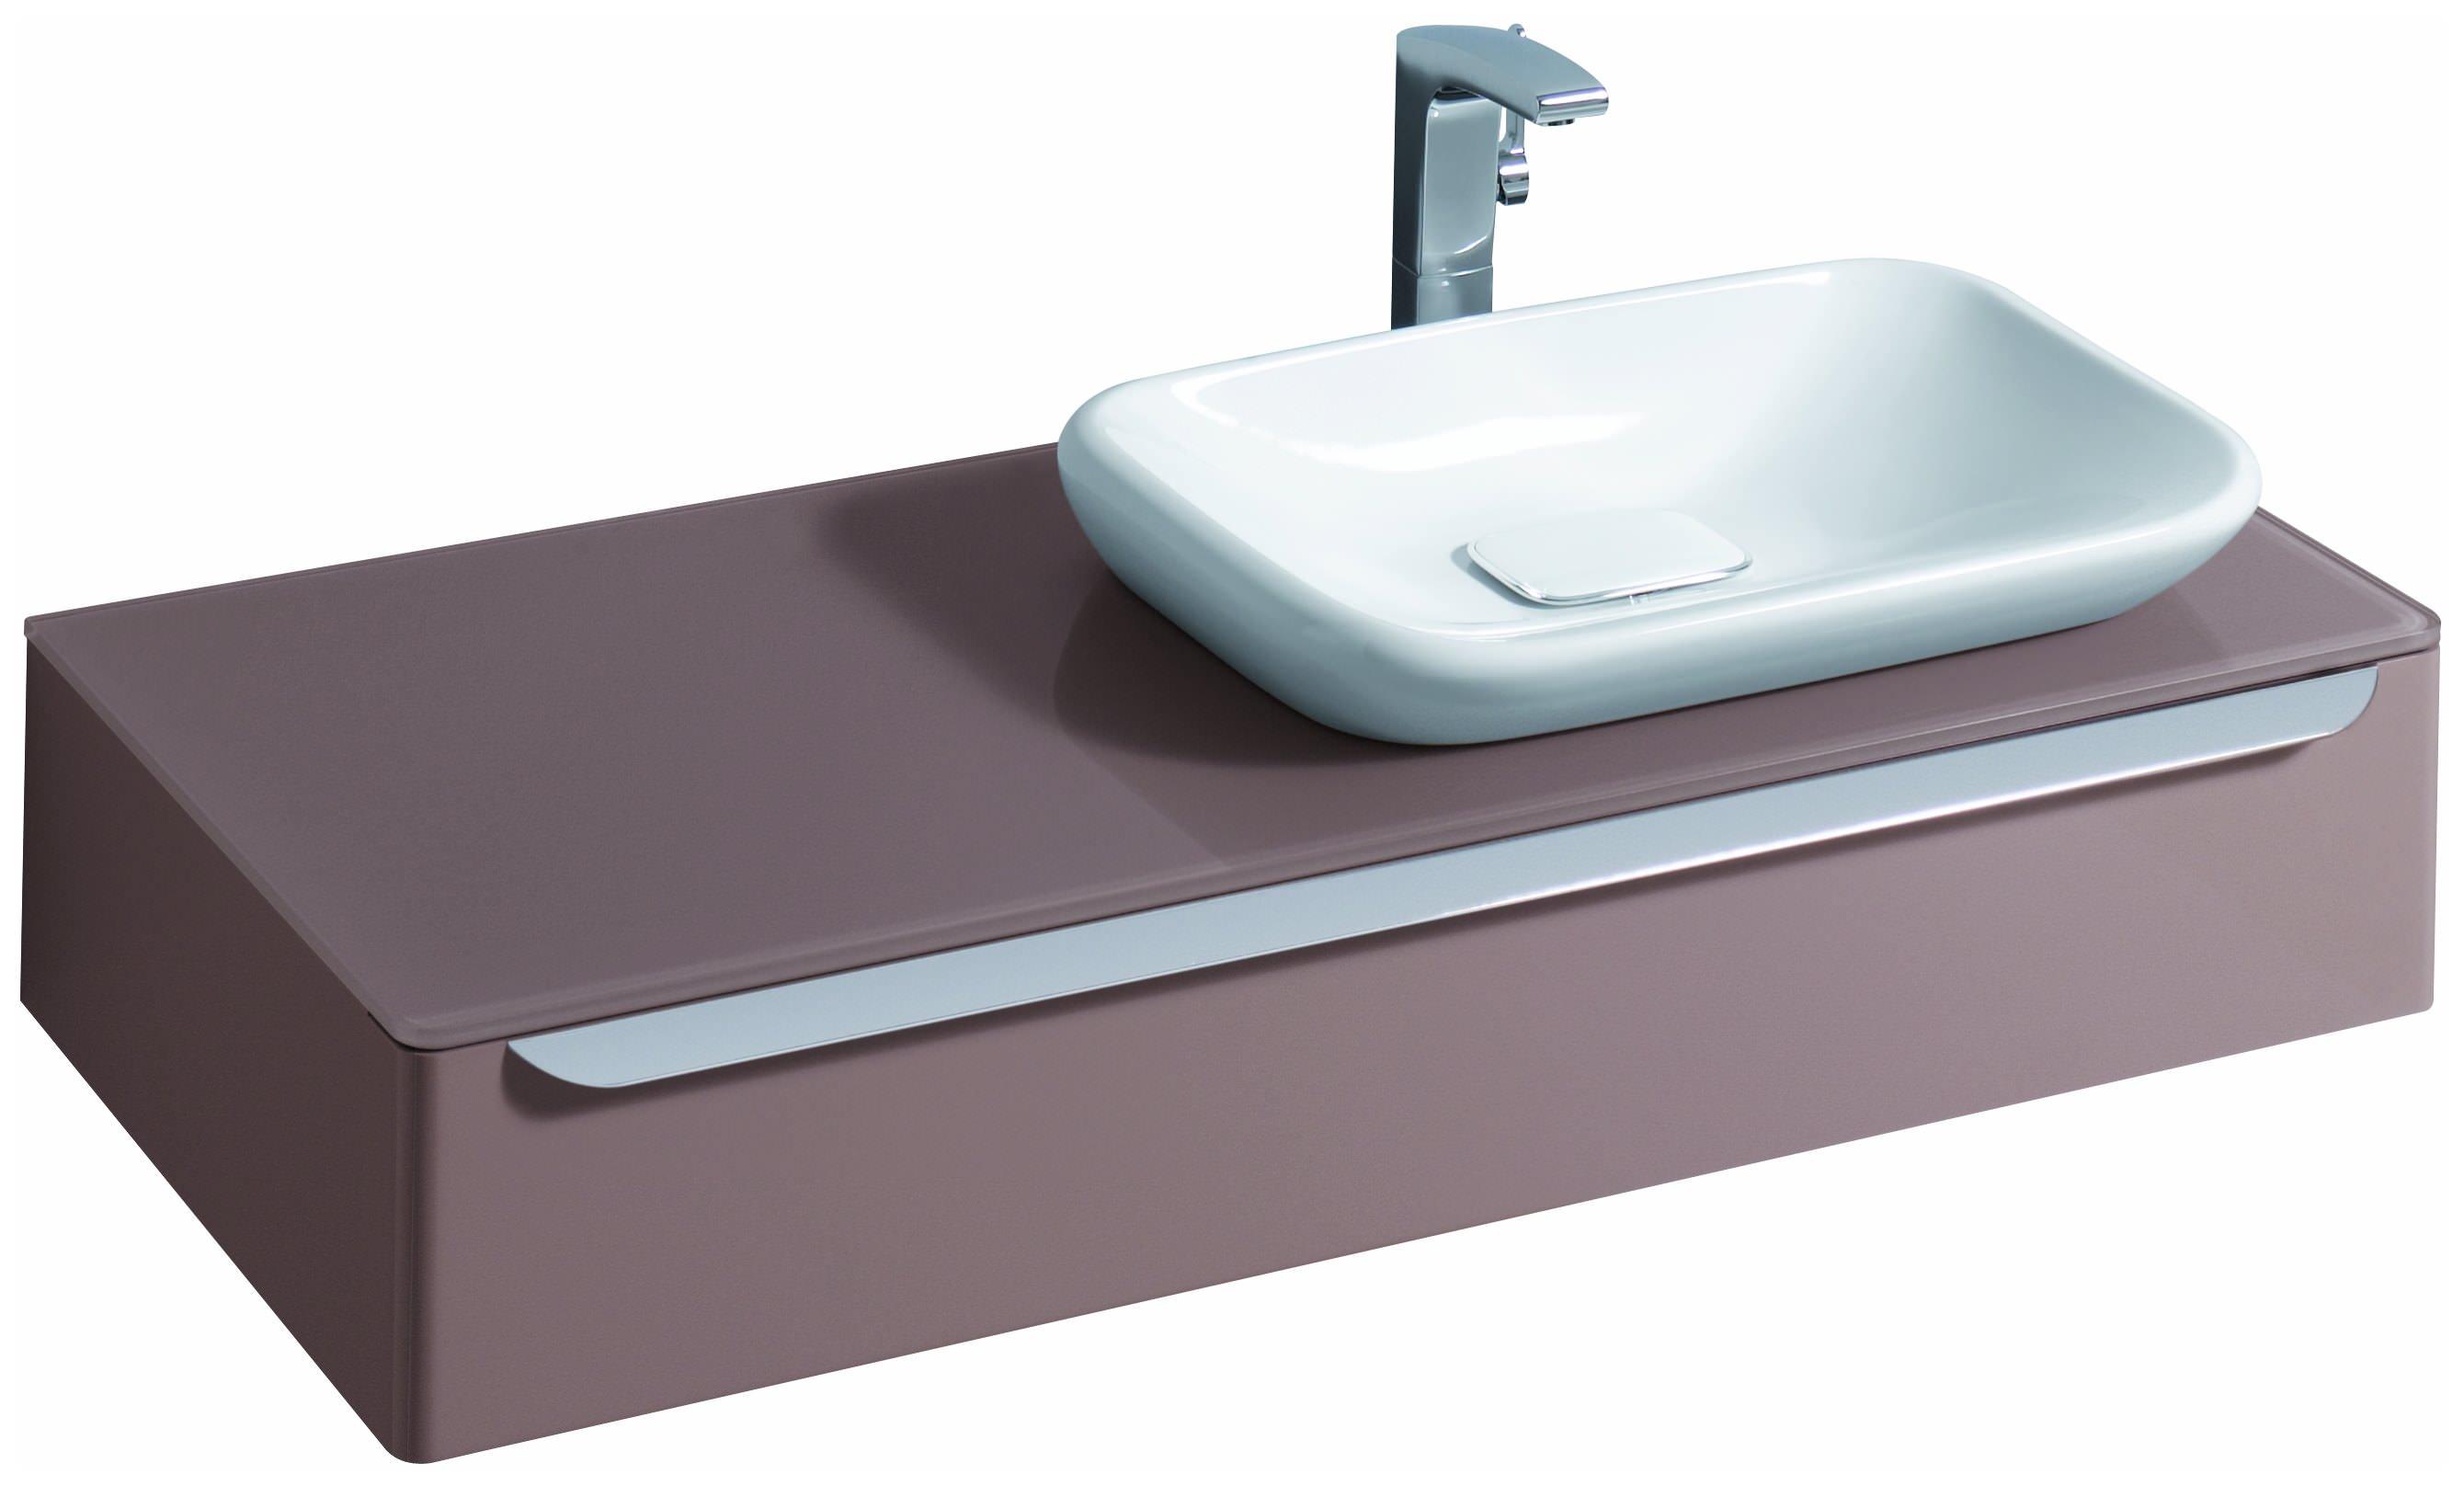 keramag myday einbauwaschtisch ohne berlauf 600mm x 126x390mm wei alpin 245460000. Black Bedroom Furniture Sets. Home Design Ideas